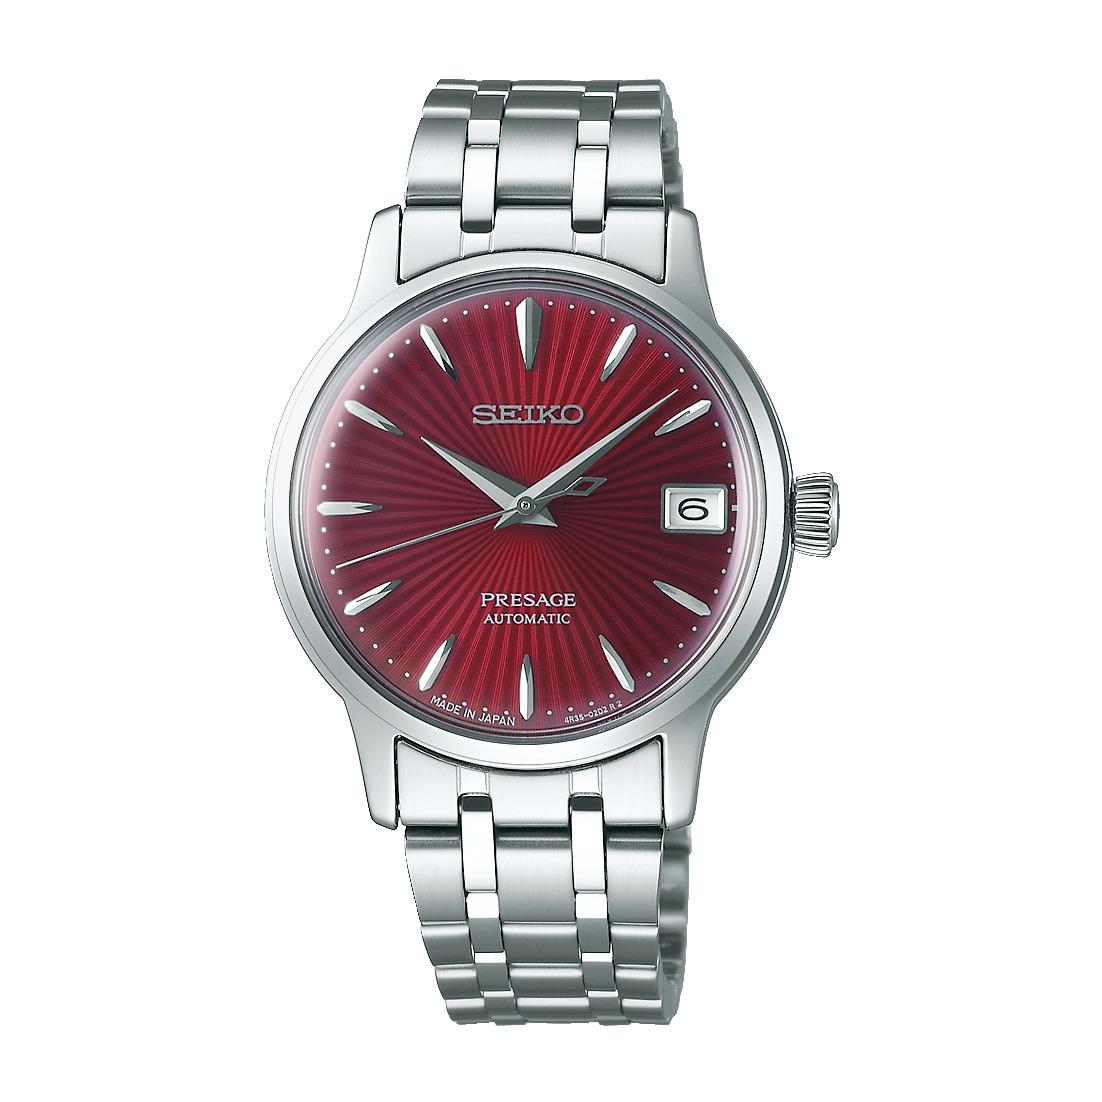 プレザージュ PRESAGE セイコー SEIKO SRRY027 ベーシックライン キール・ロワイアル 正規品 腕時計